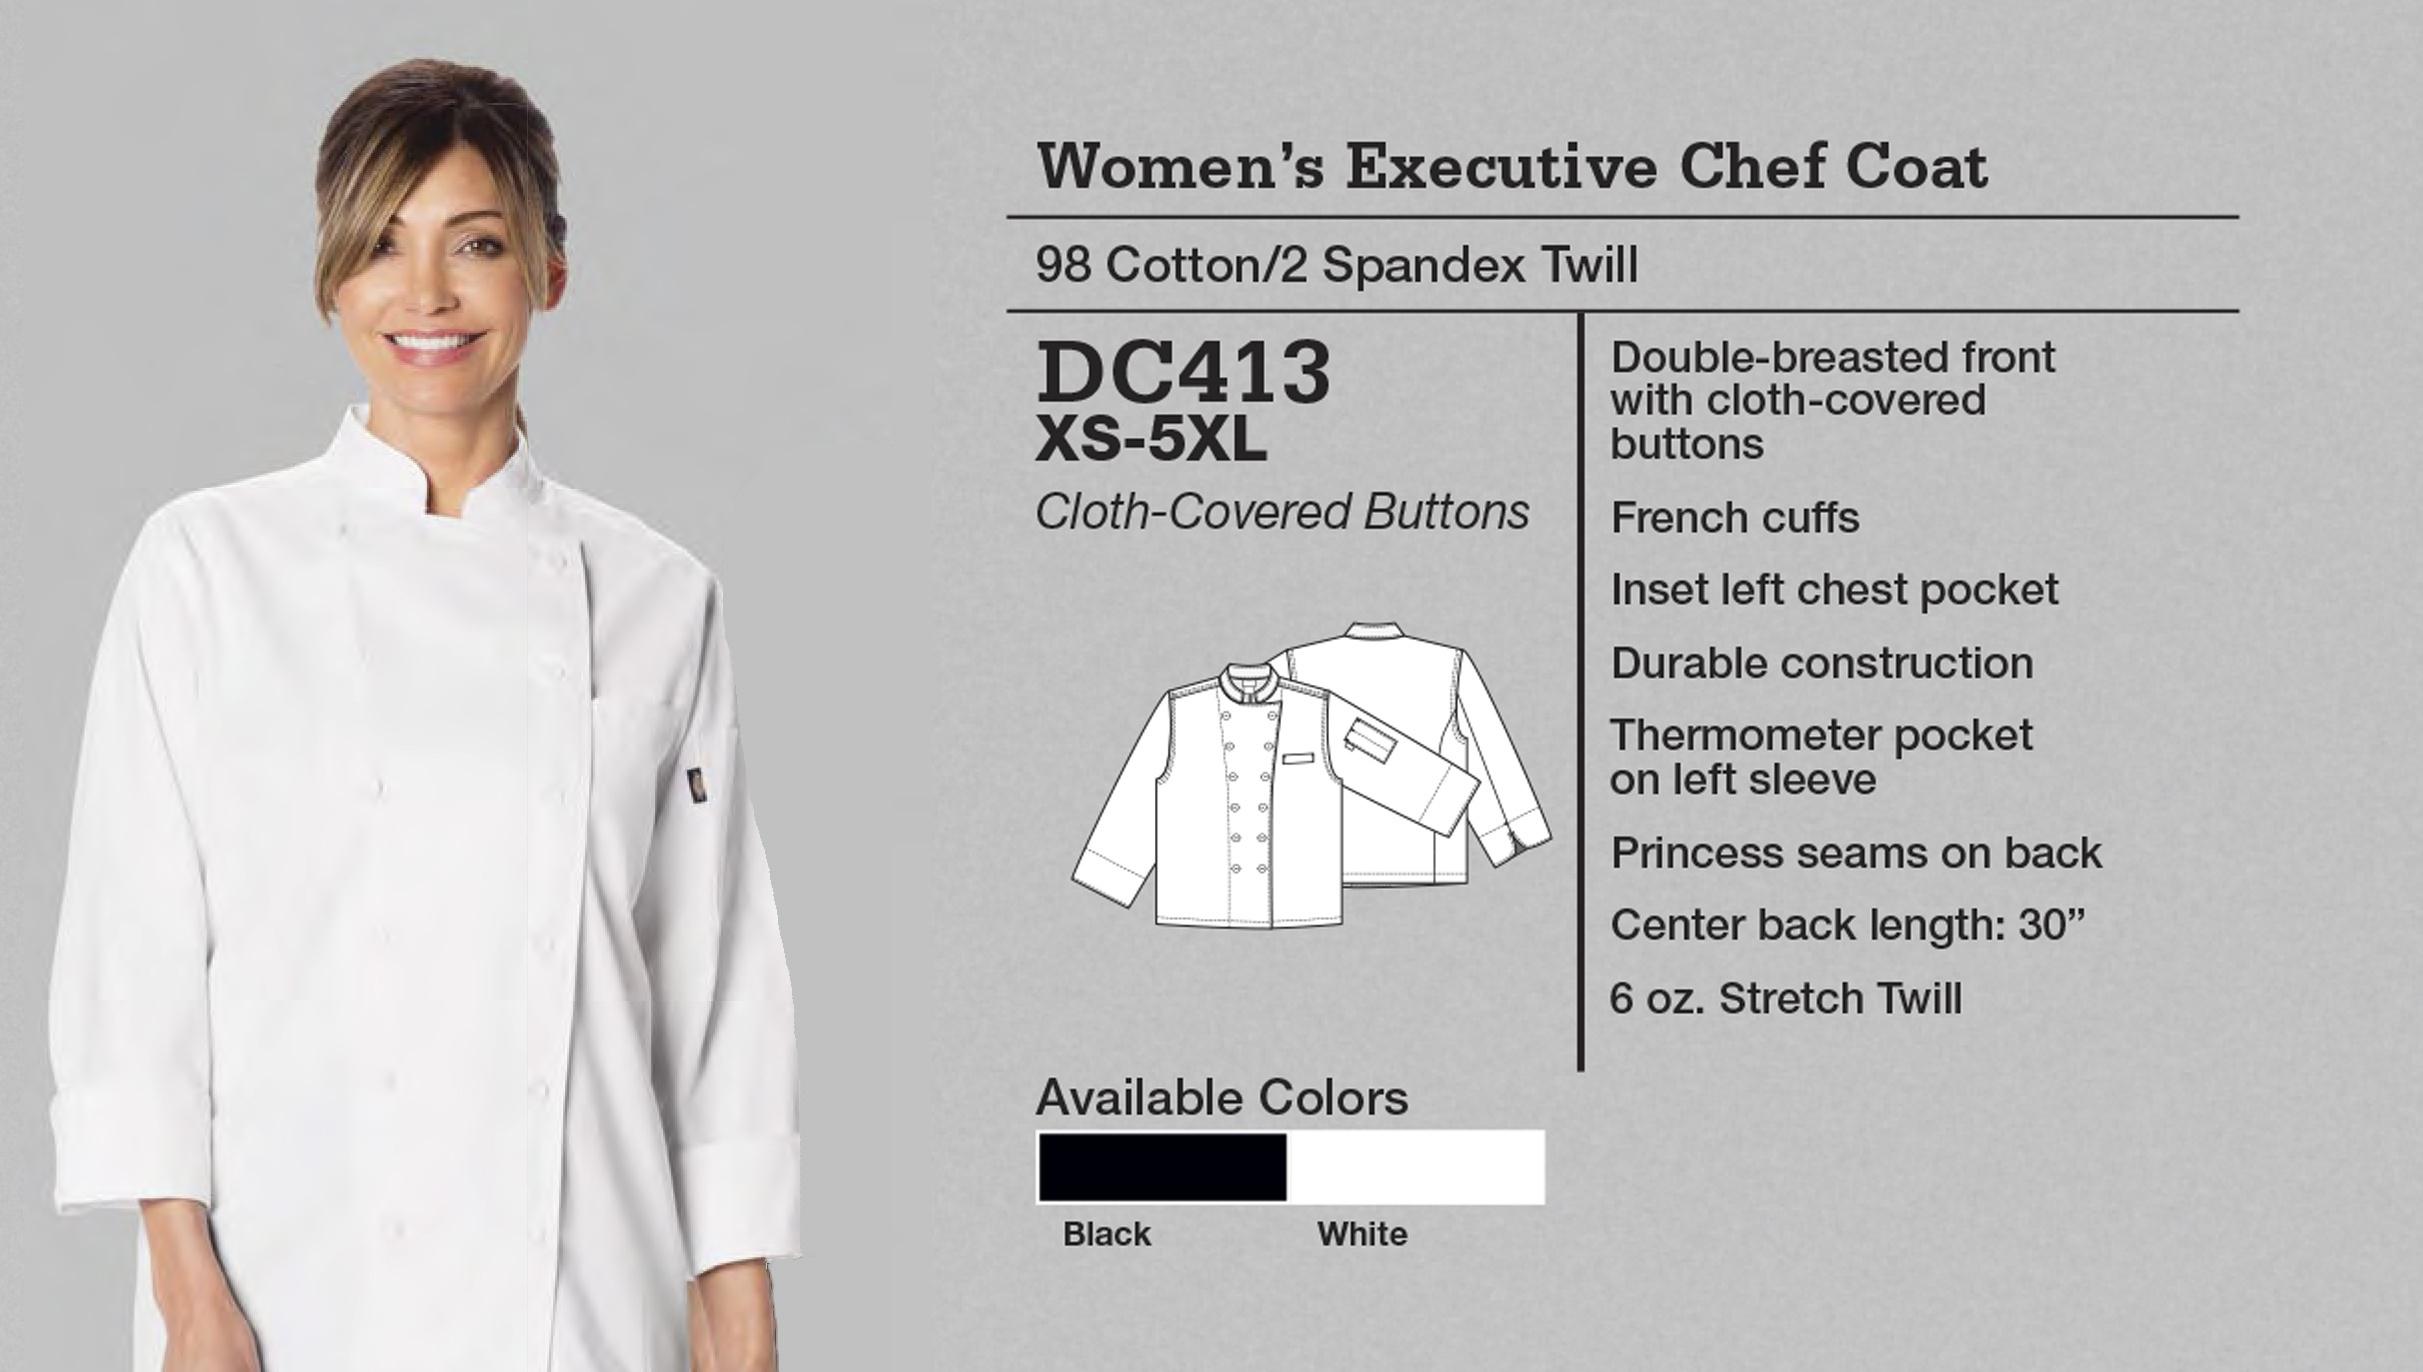 Abrigo de Chef Ejecutivo para Mujer. DC413.